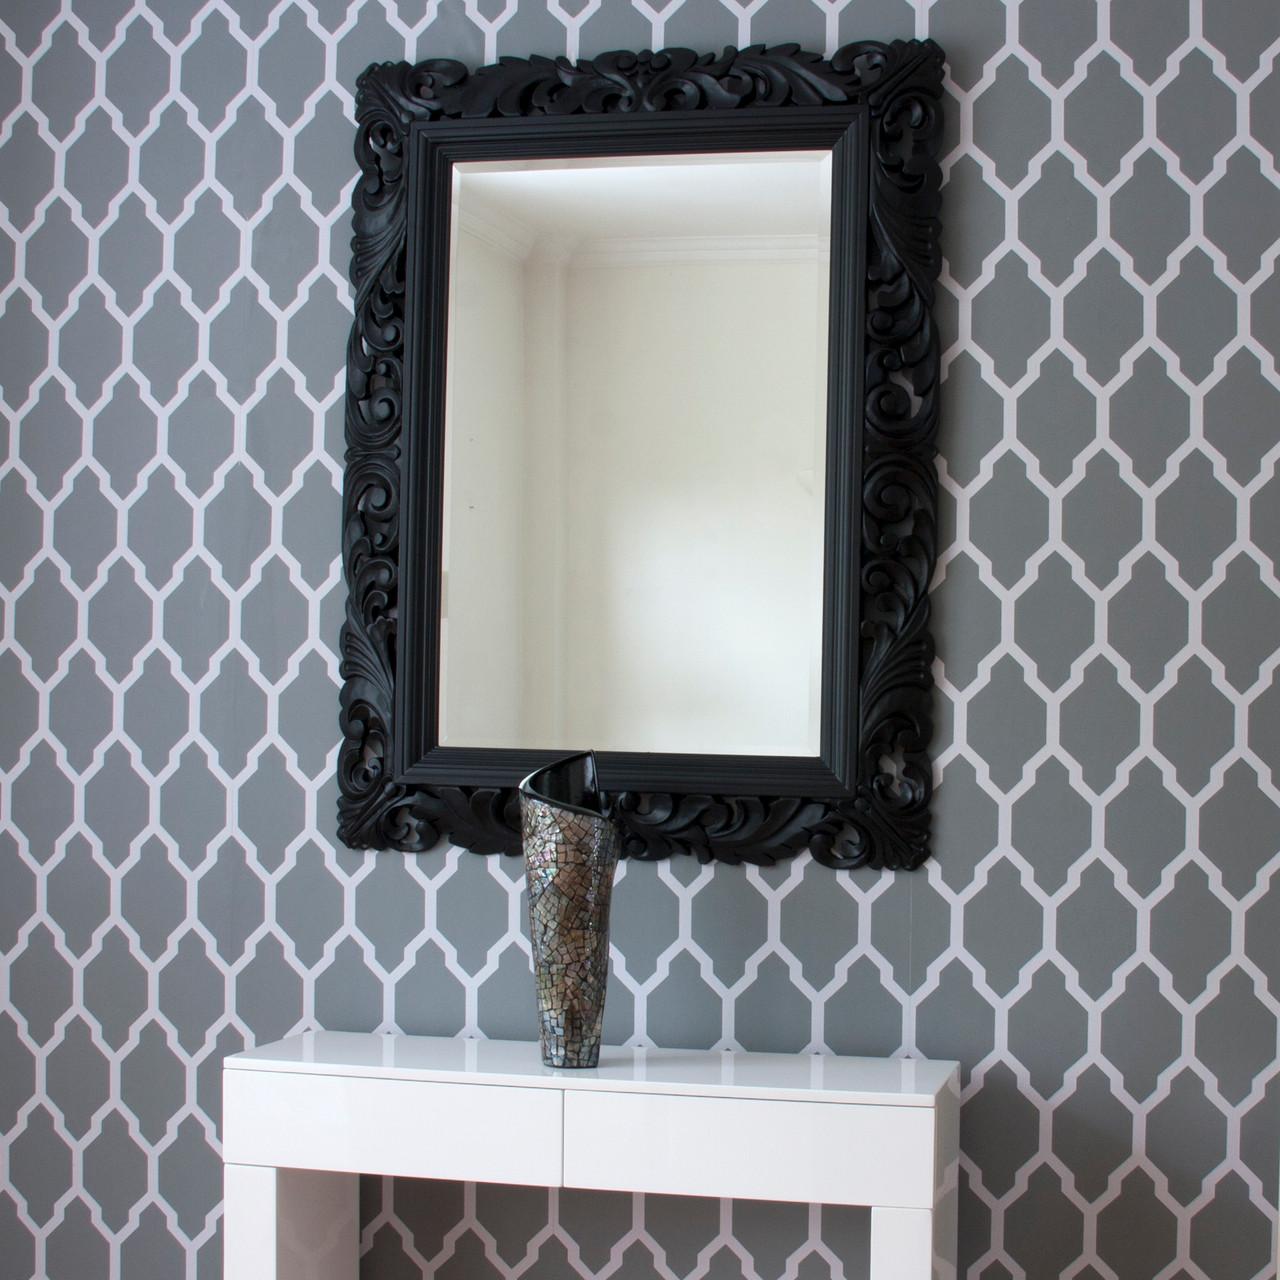 Image of Carved Wood Black Framed Mirror